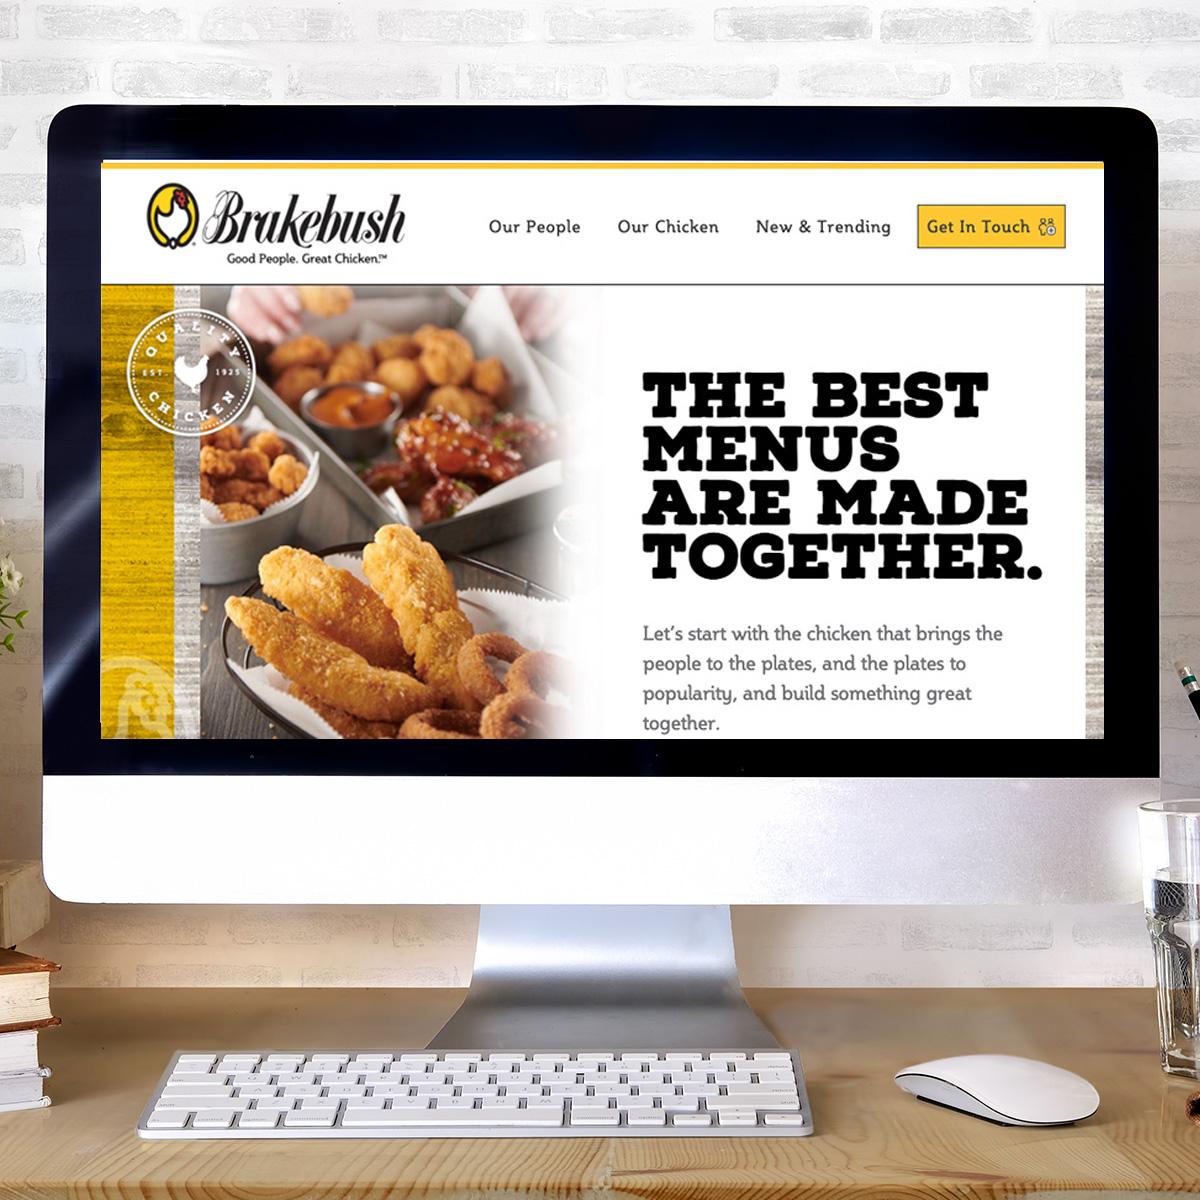 Desktop computer screenshot of Brakebush website